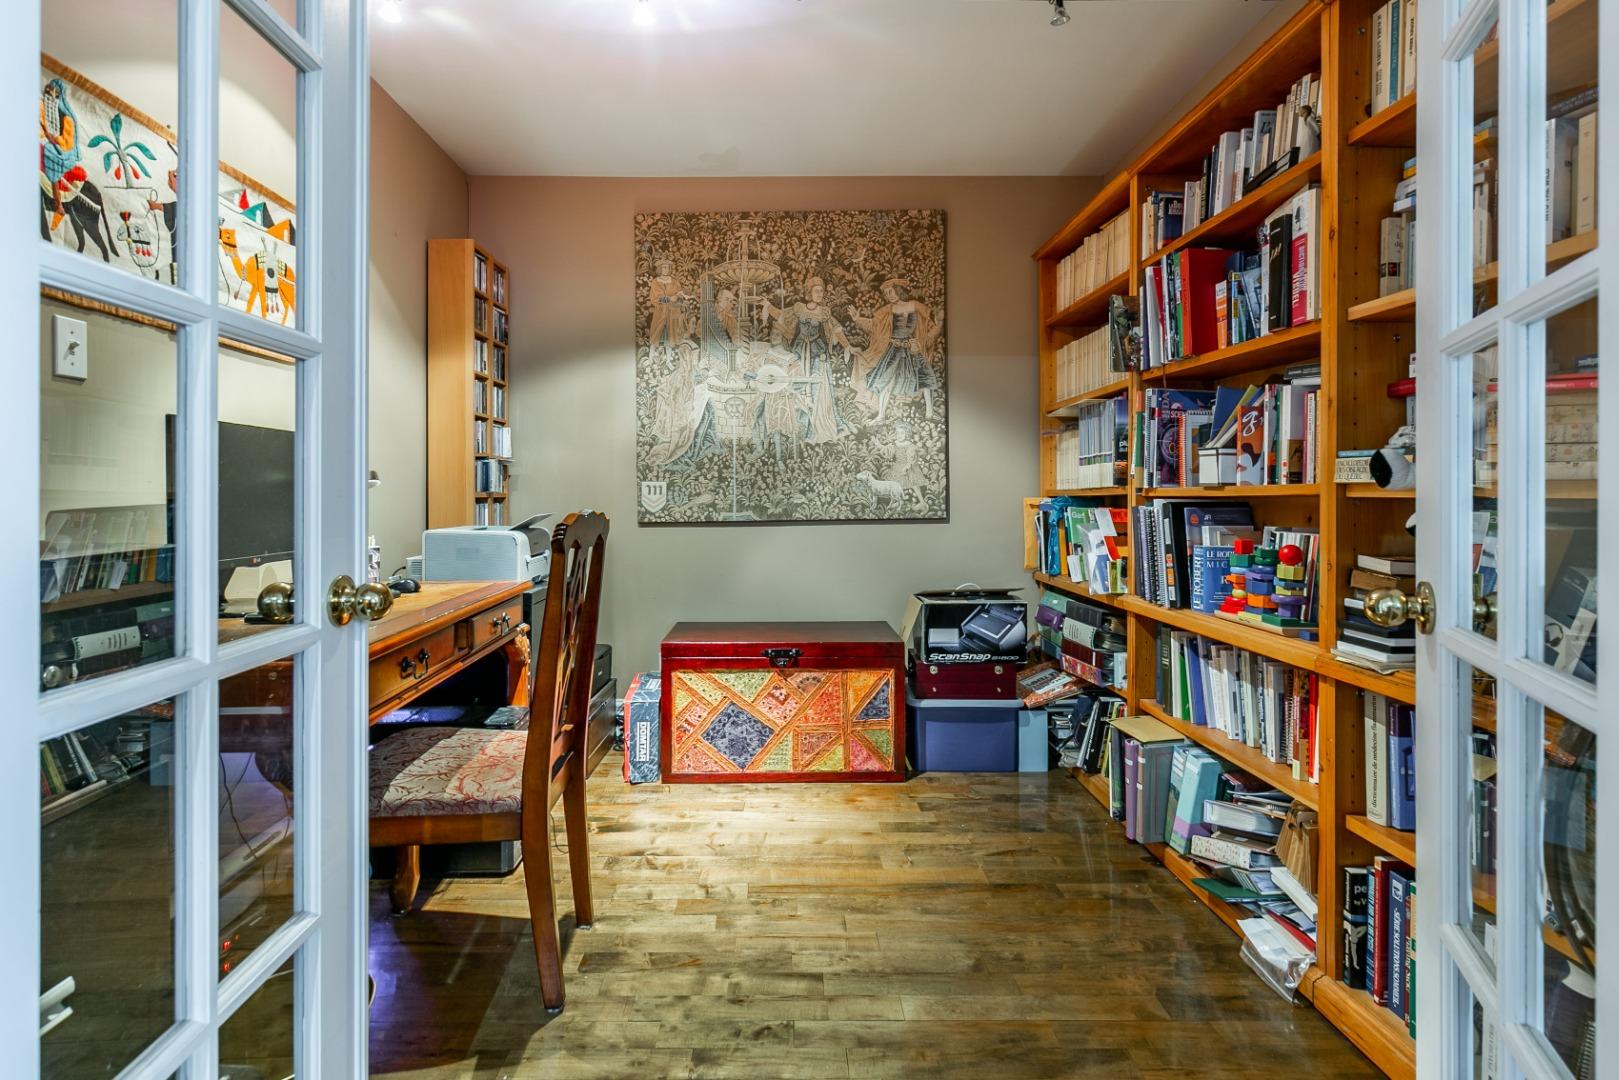 Condo à vendre Rosemont 6529 rue Cartier Montréal-14.jpg